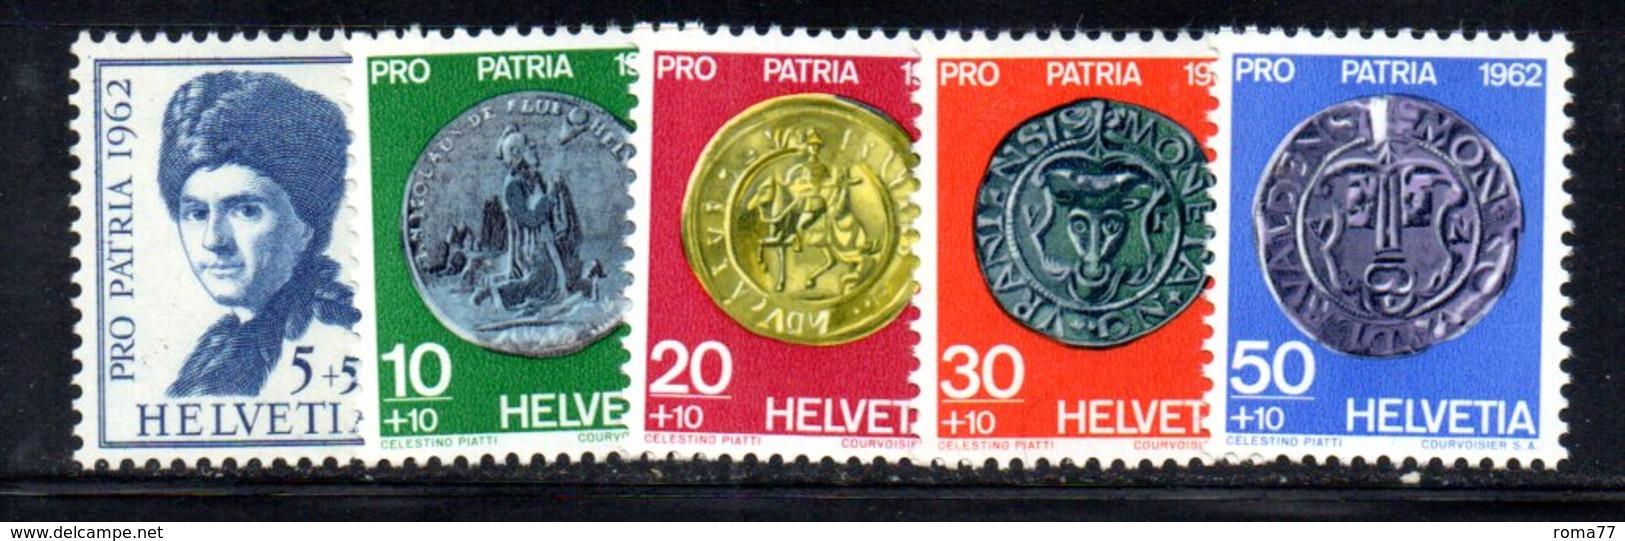 542/1500 - SVIZZERA 1962 ,  Unificato N. 693/697  ***  MNH  Pro Patria - Pro Patria